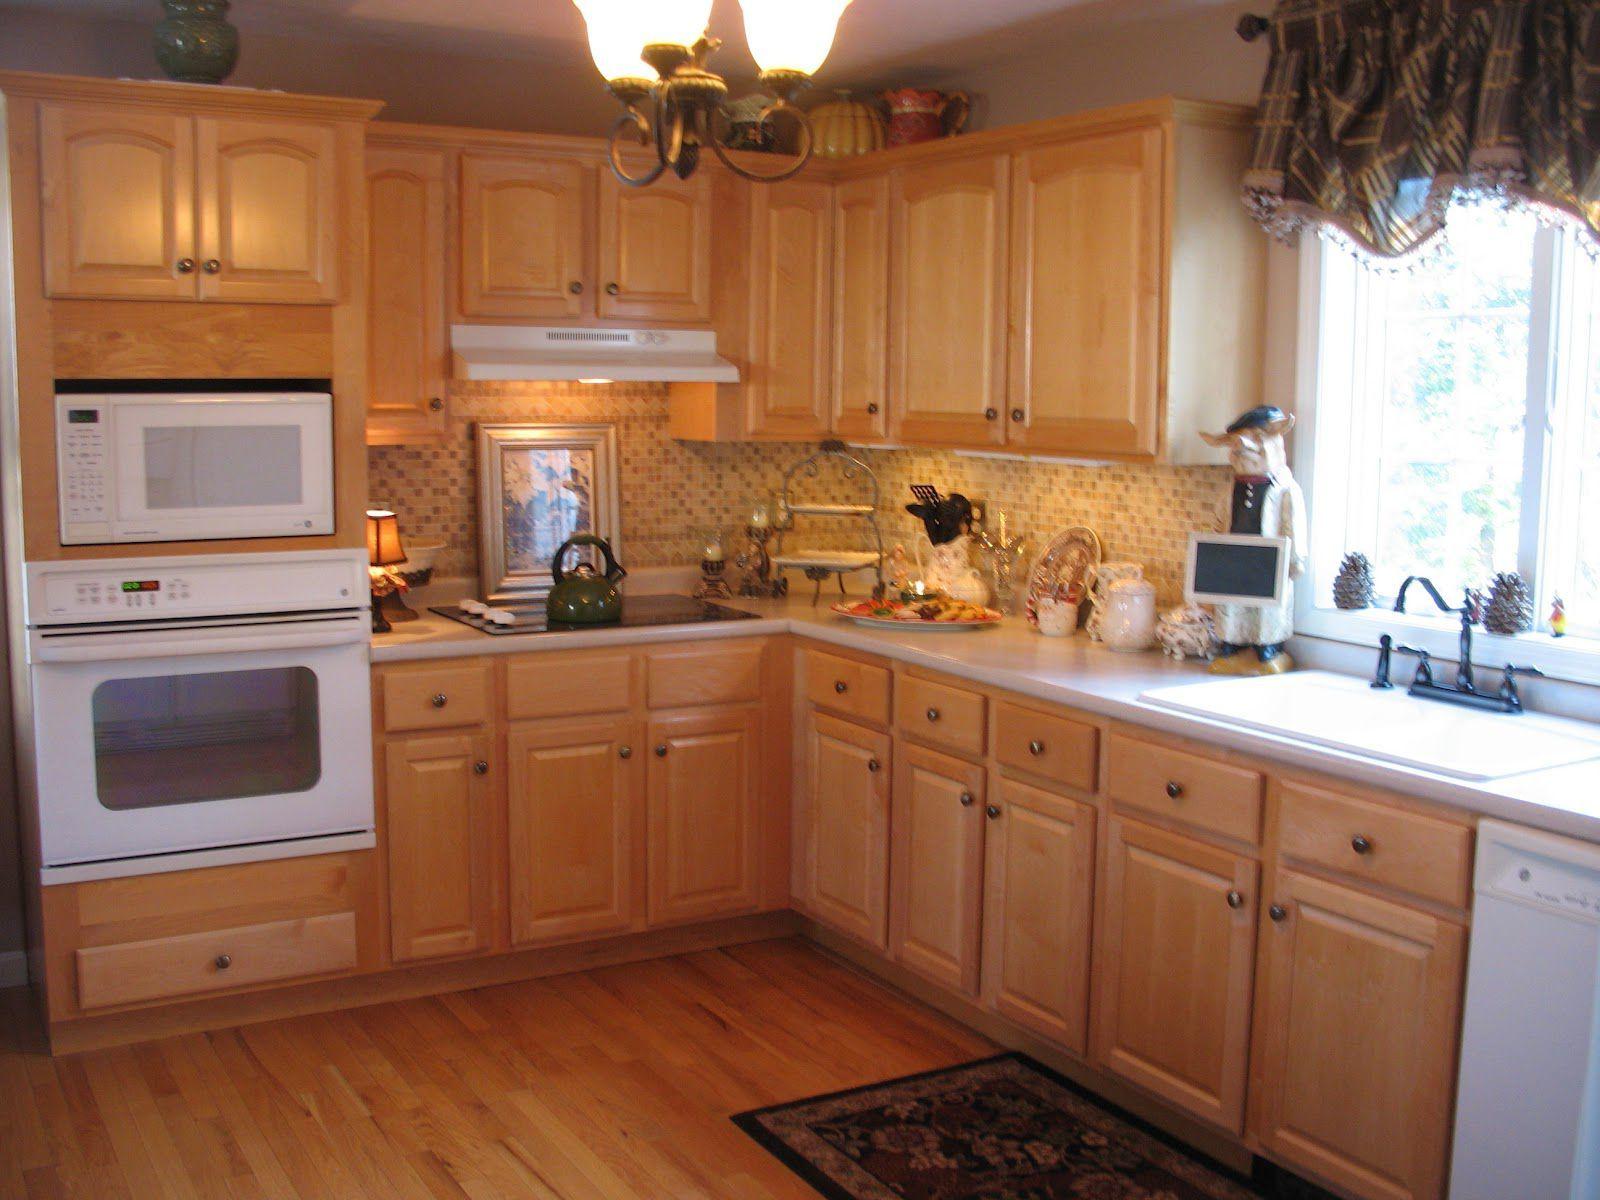 Kitchen Classic Chandelier Wooden Kitchen Cabinet Mosaic